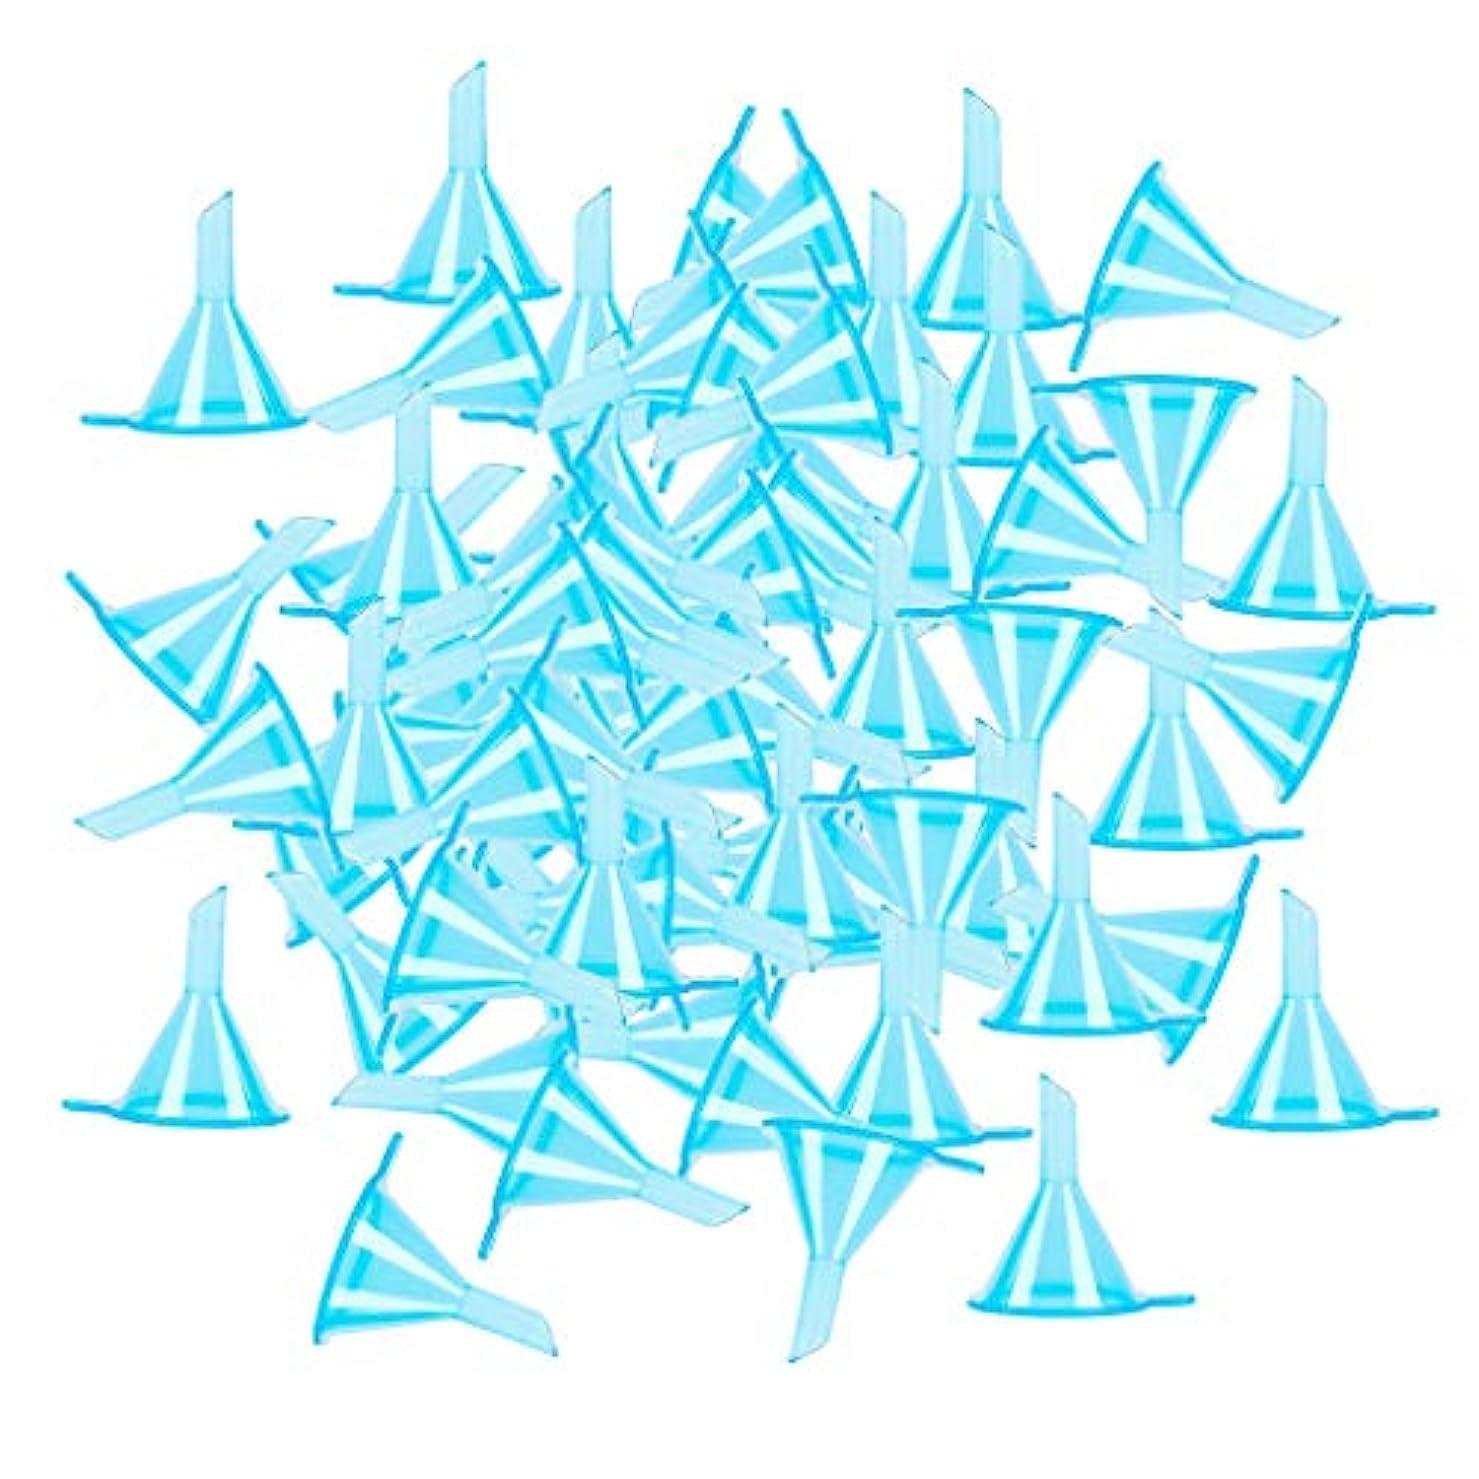 批判的刃見る100個セット 液体 香水用 小分けツール ミニ ファンネル エッセンシャルオイル 全3色 - ブルー